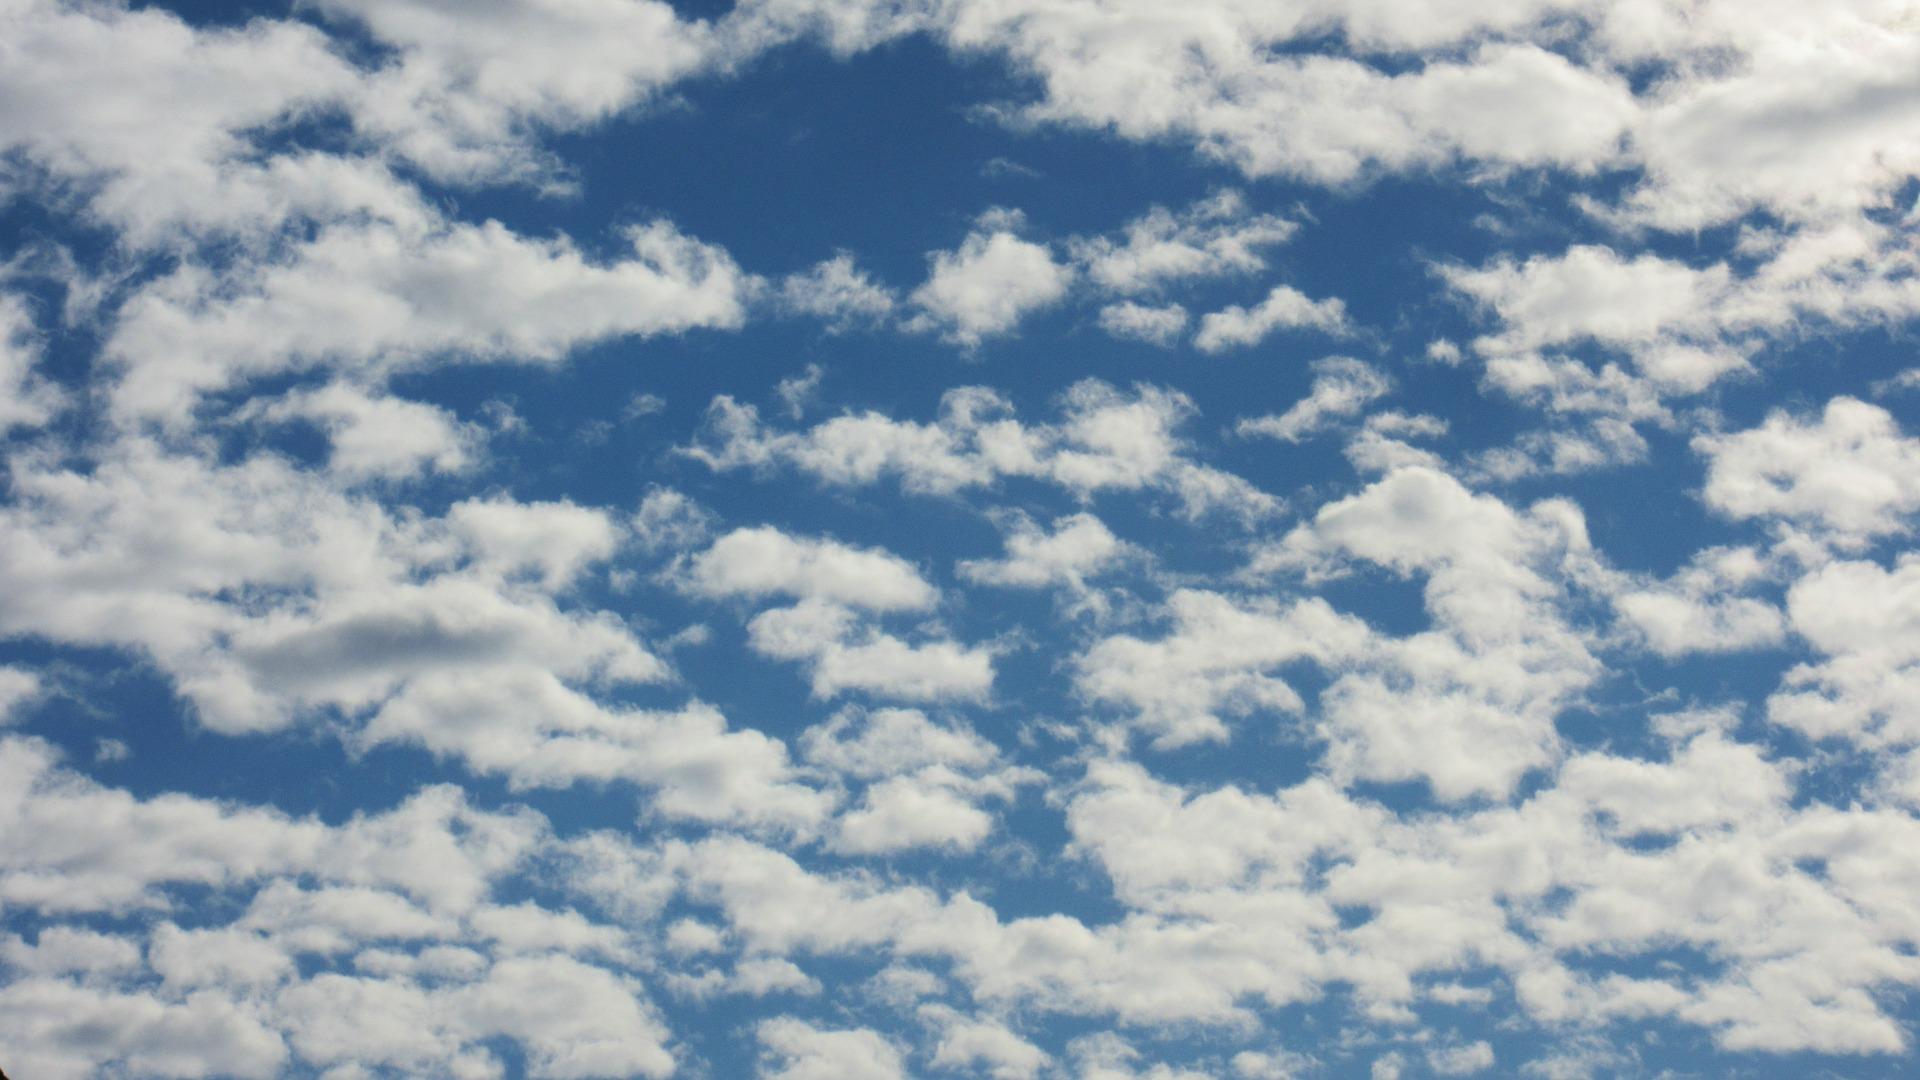 Altocumulus (Latince altum – yükseklik, irtifa ve cumulus)